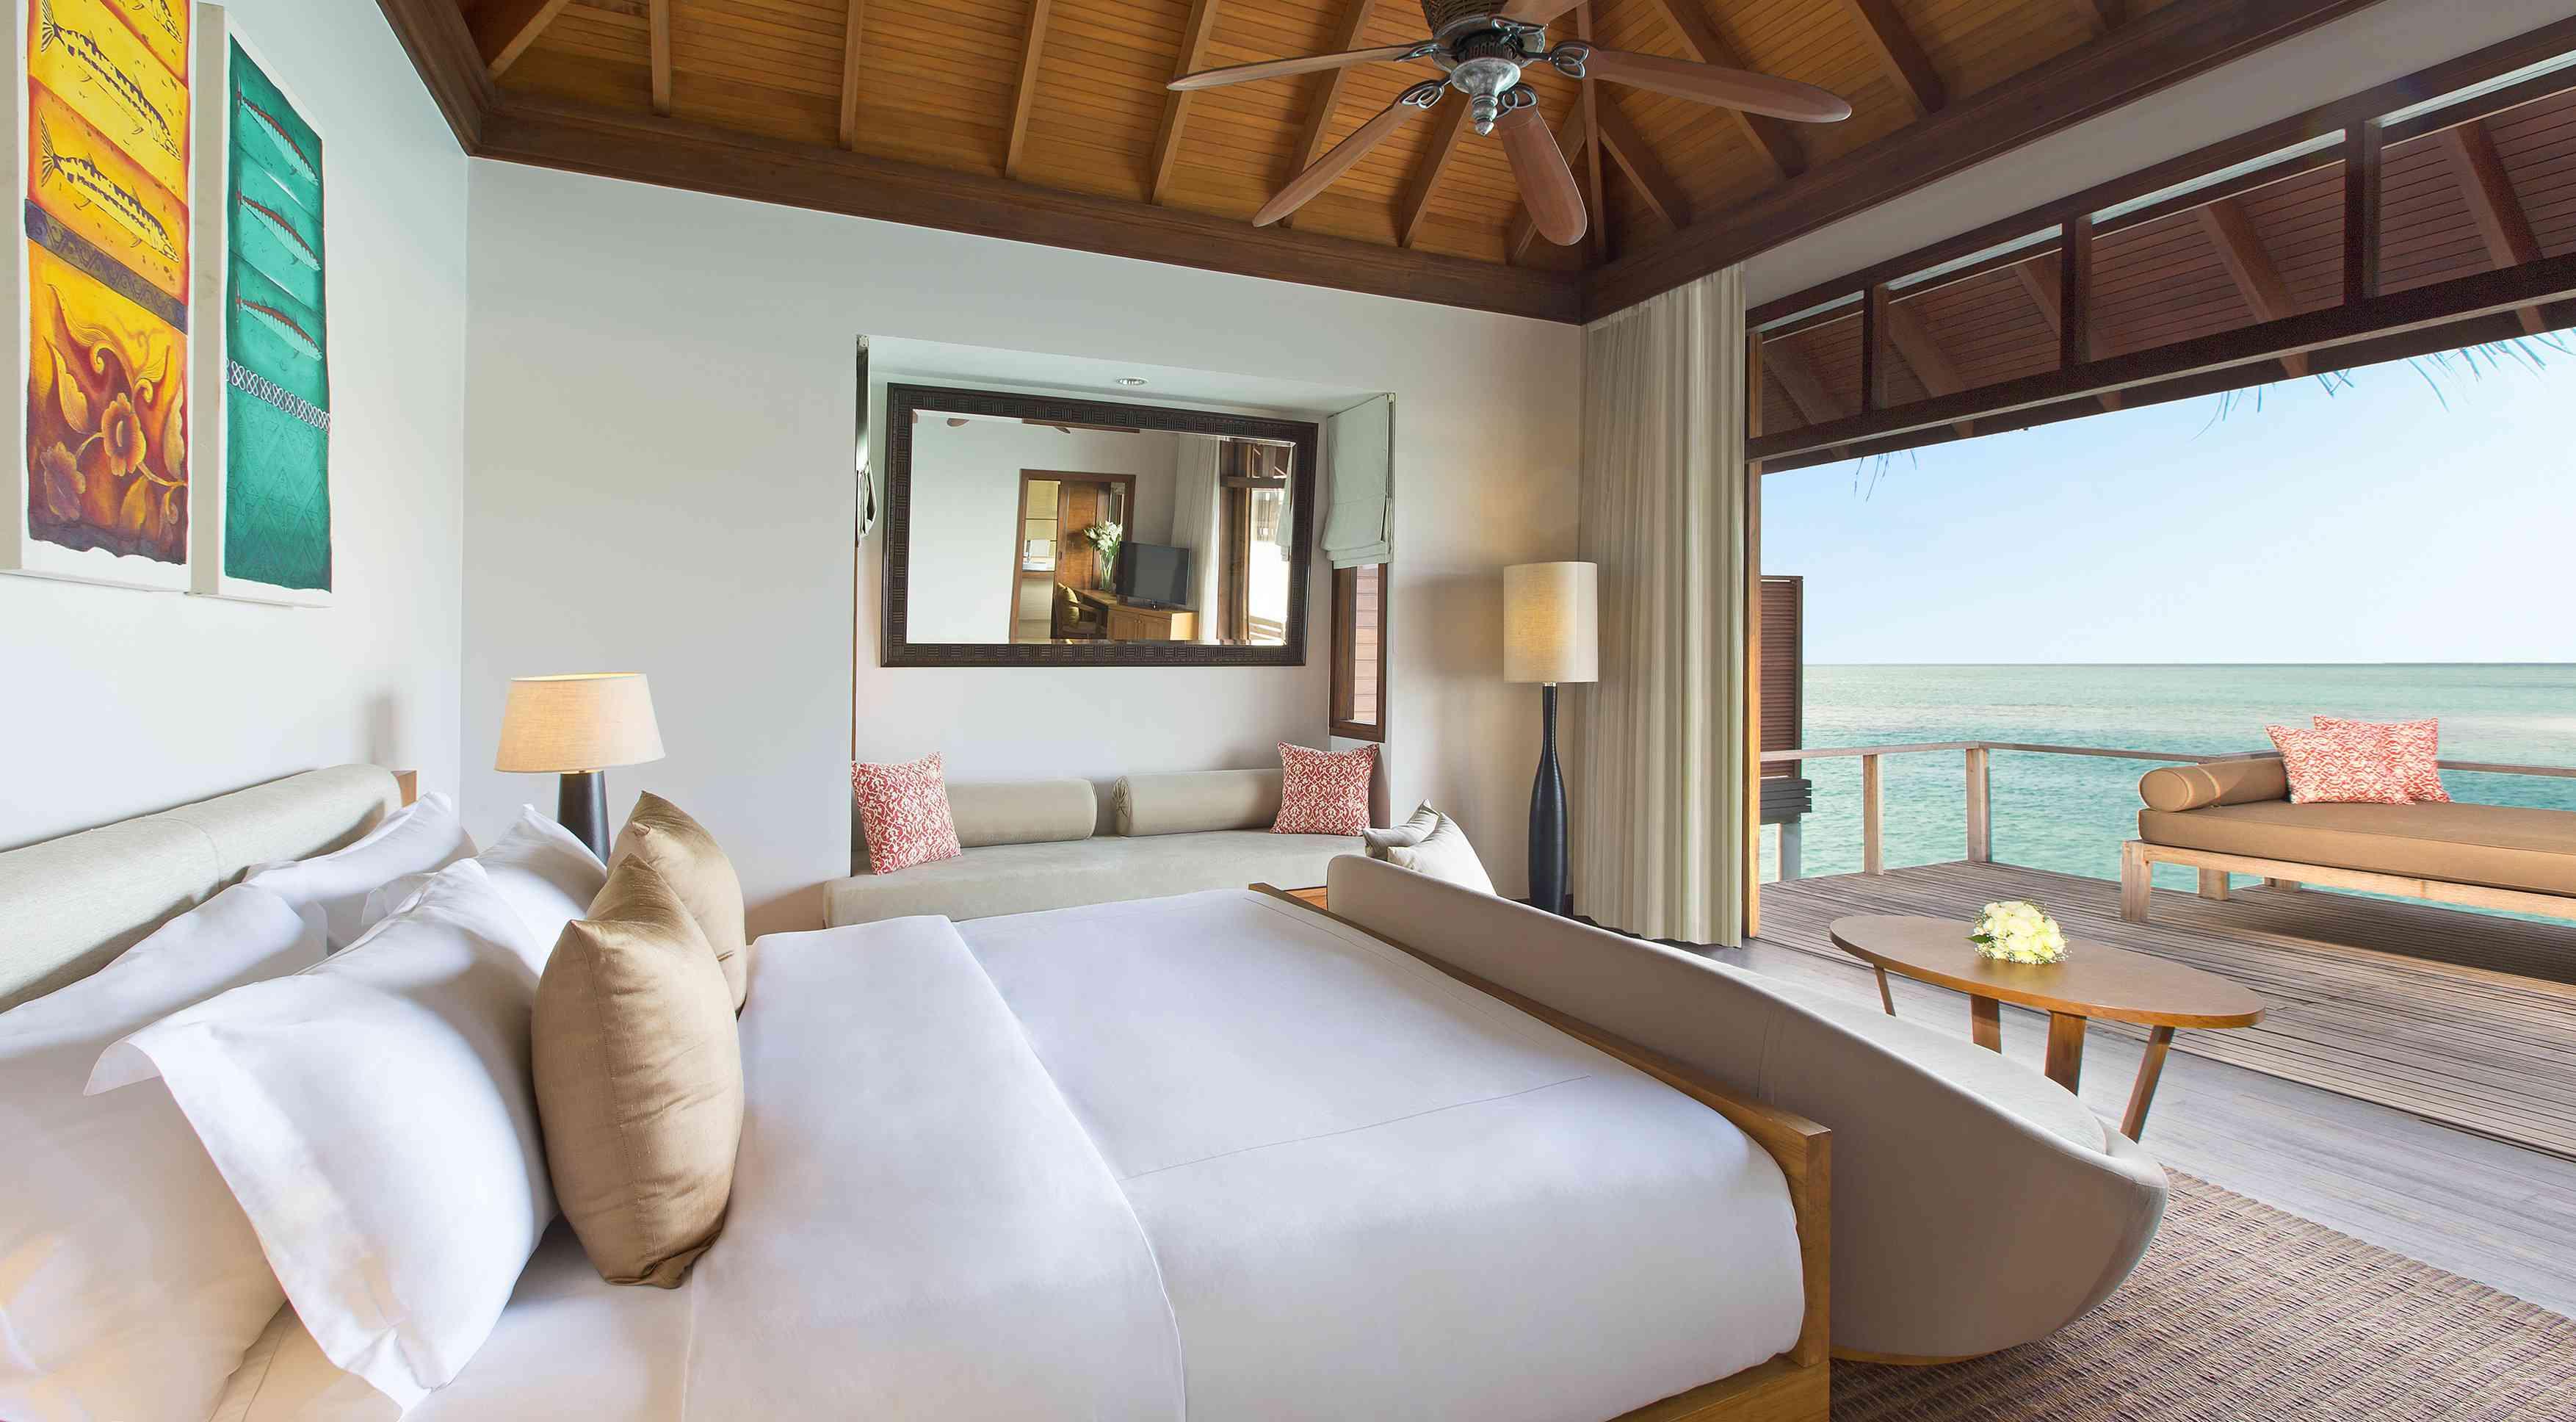 Anantara Veli deluxe bungalow room